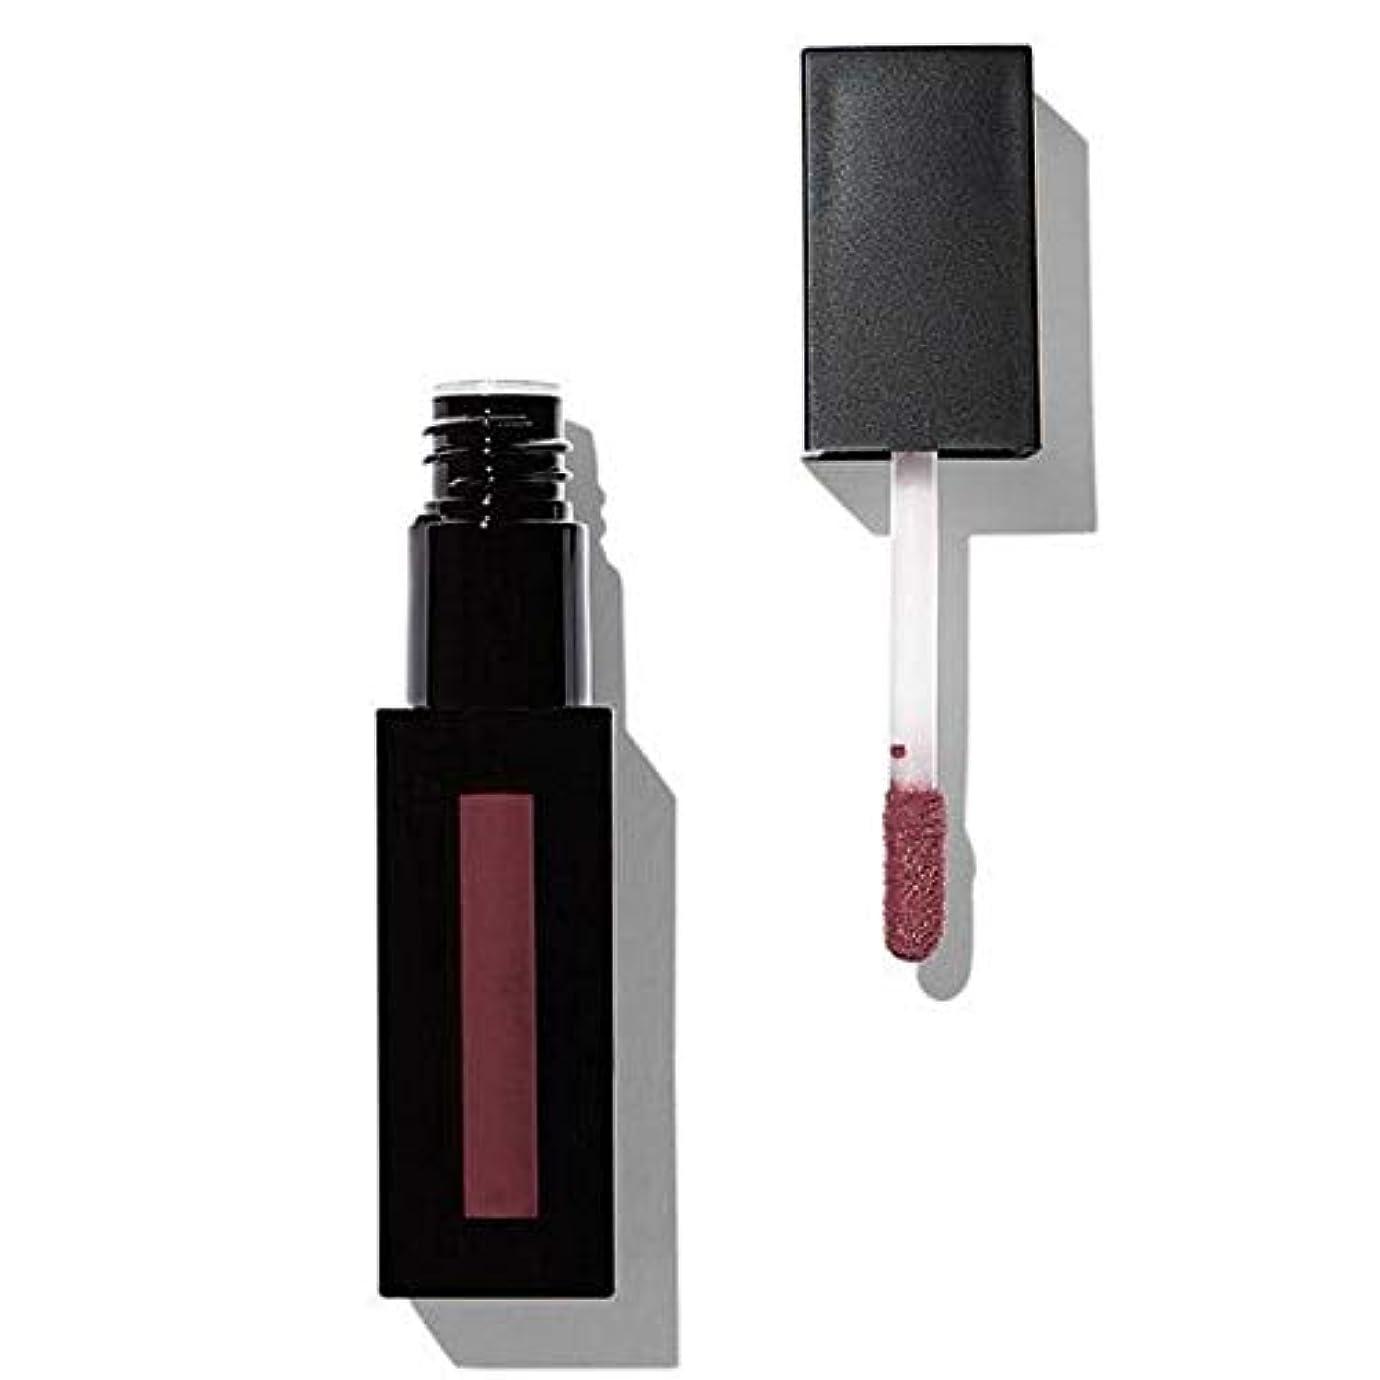 とまり木露出度の高い議題[Revolution ] 革命プロ最高のマットリップ顔料予感 - Revolution Pro Supreme Matte Lip Pigment Premonition [並行輸入品]